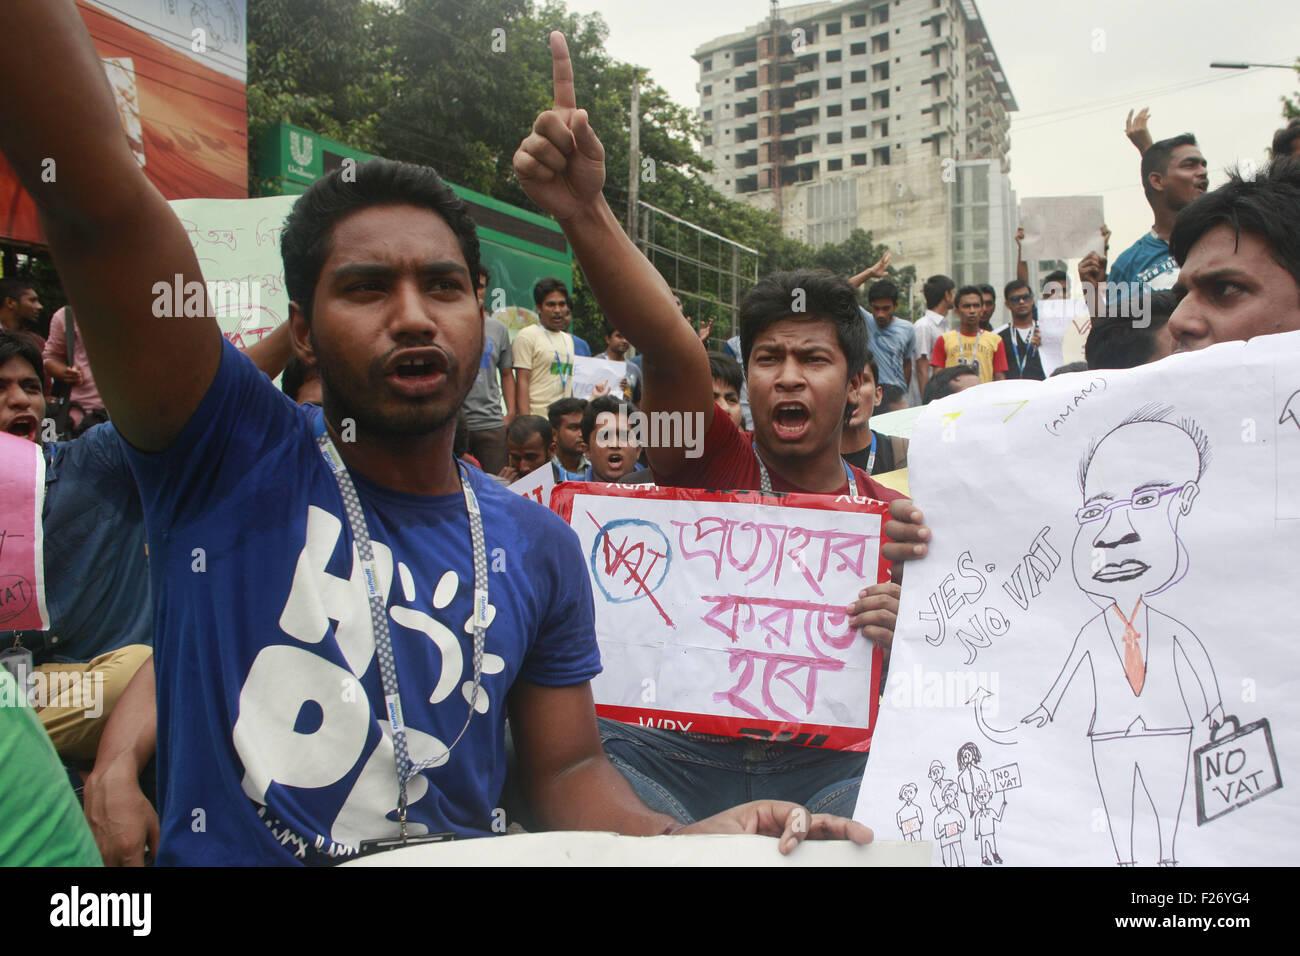 Dhaka, Bangladesh  13th Sep, 2015  Bangladeshi students shout